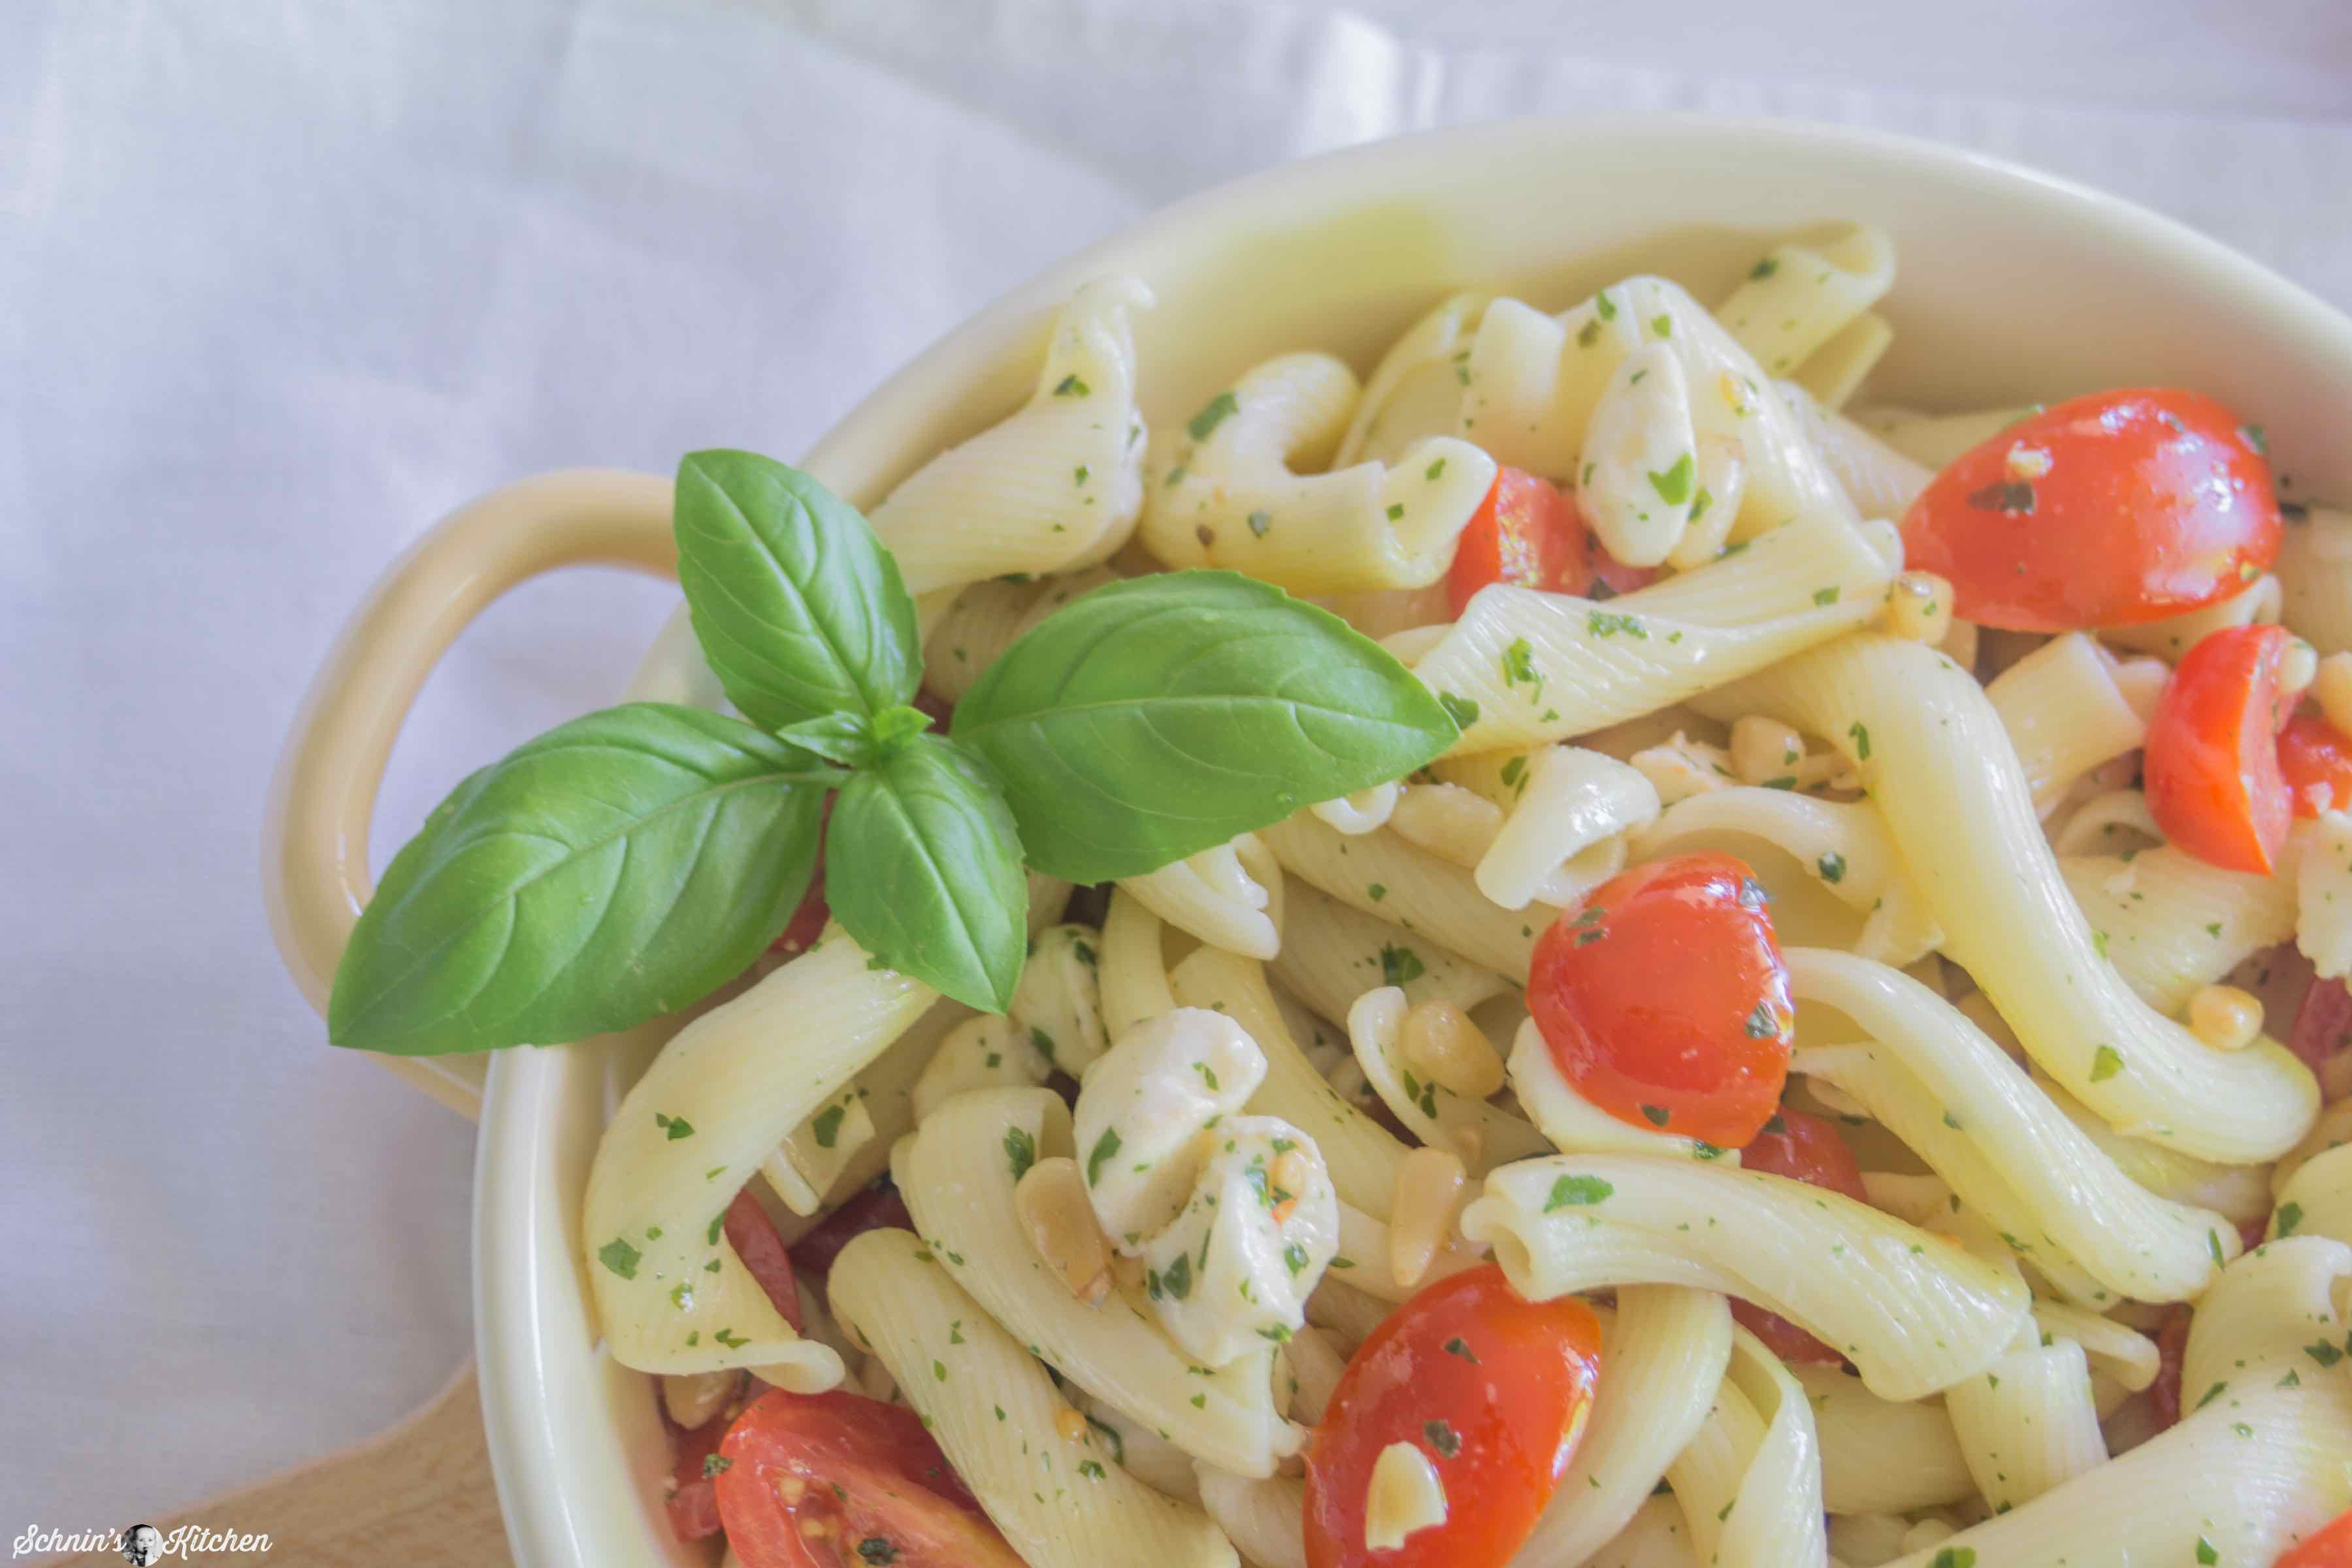 Nudelsalat Caprese mit Tomaten, Mozzarella und frischem Basilikum | www.schninskitchen.de